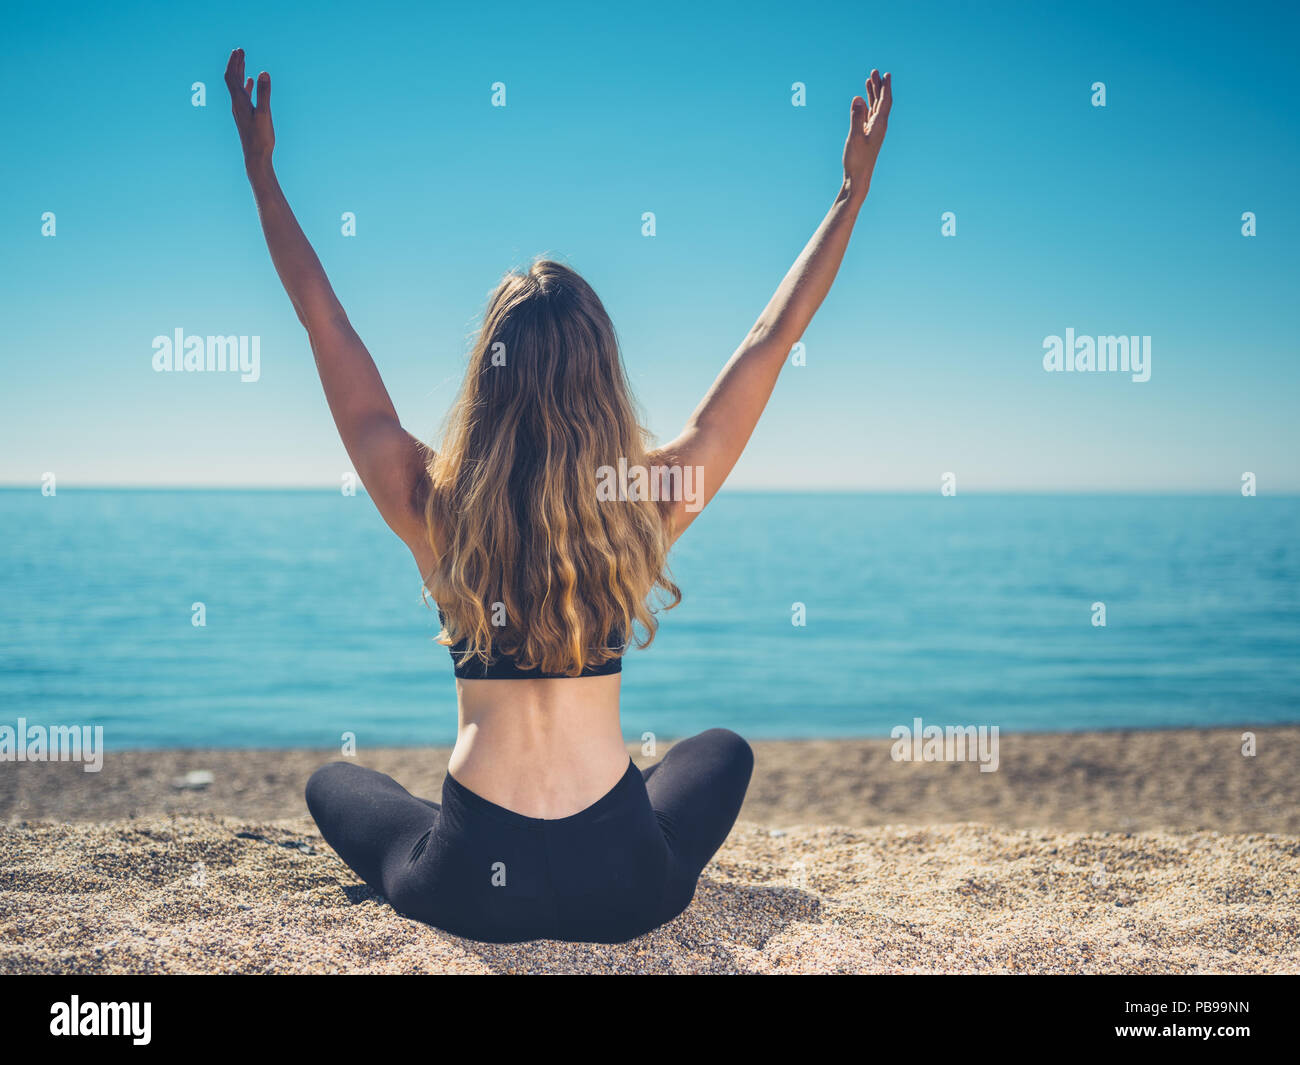 Un joven está sentado en la playa con sus brazos levantados en el aire Imagen De Stock